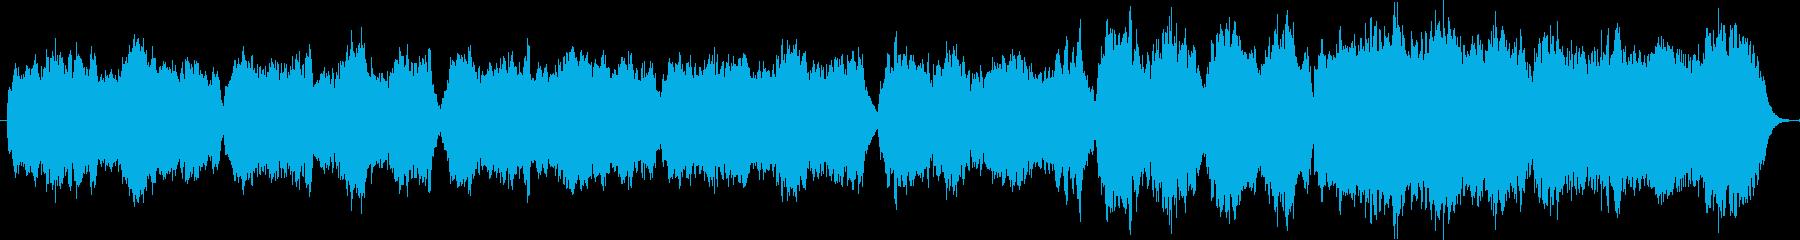 木管とチェンバロの三拍子のバロック曲の再生済みの波形